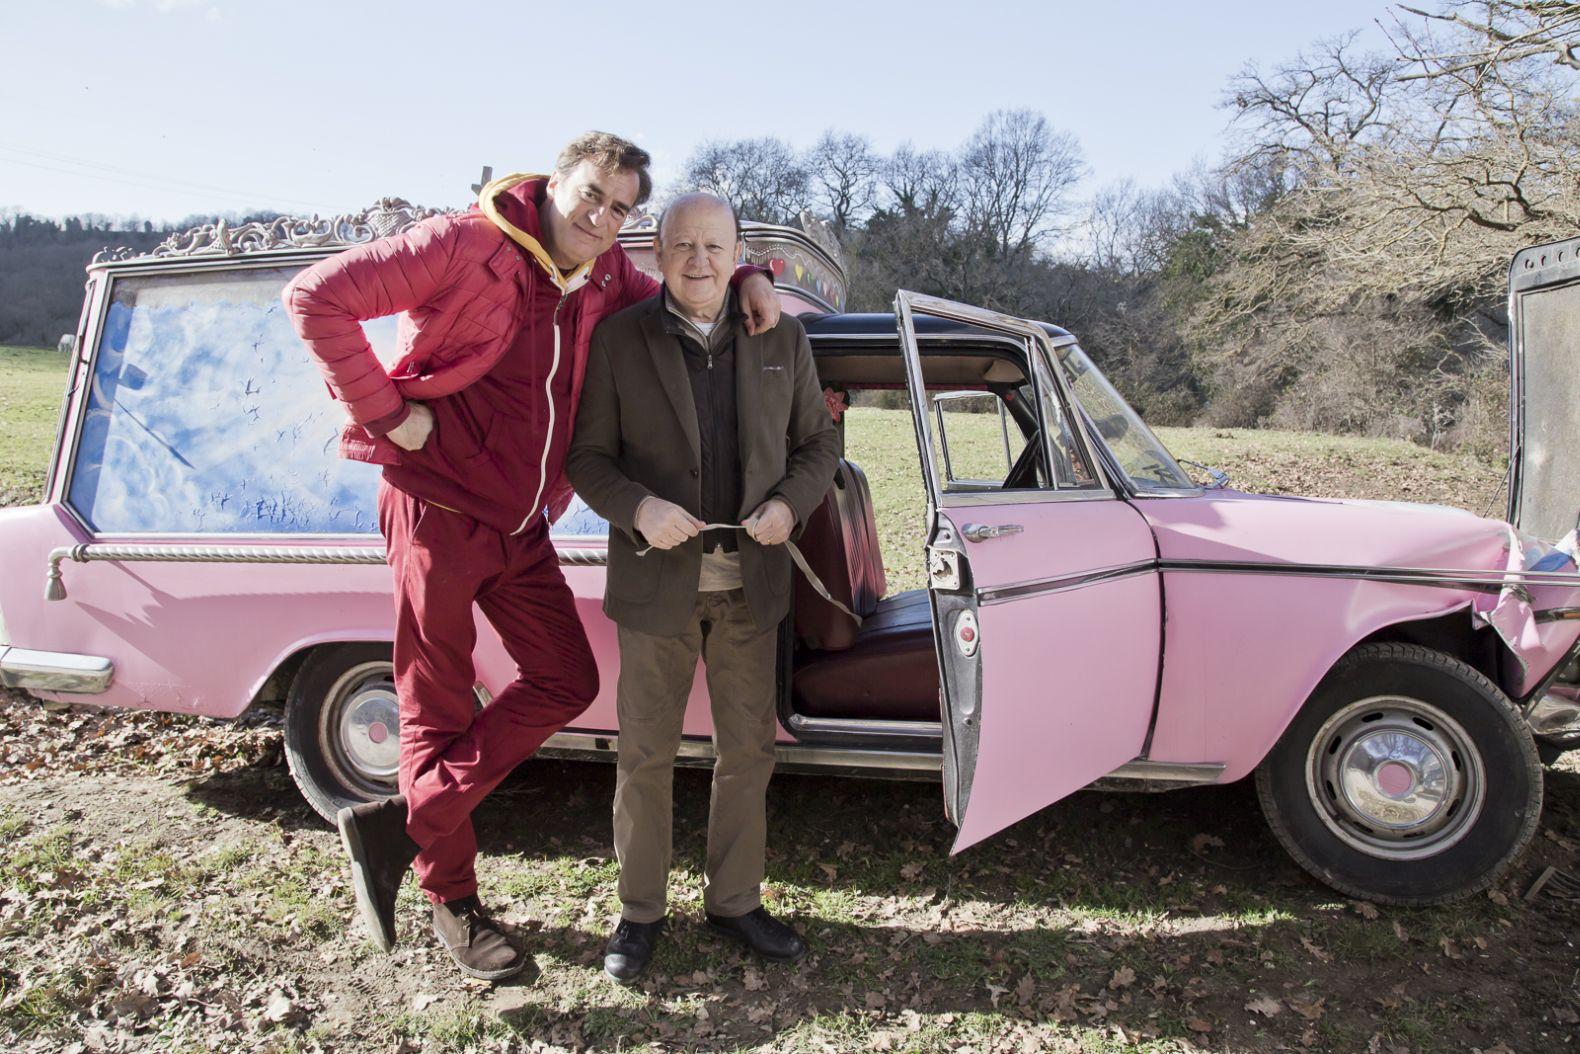 La coppia dei campioni: Max Tortora e Massimo Boldi in un'immagine promozionale del film